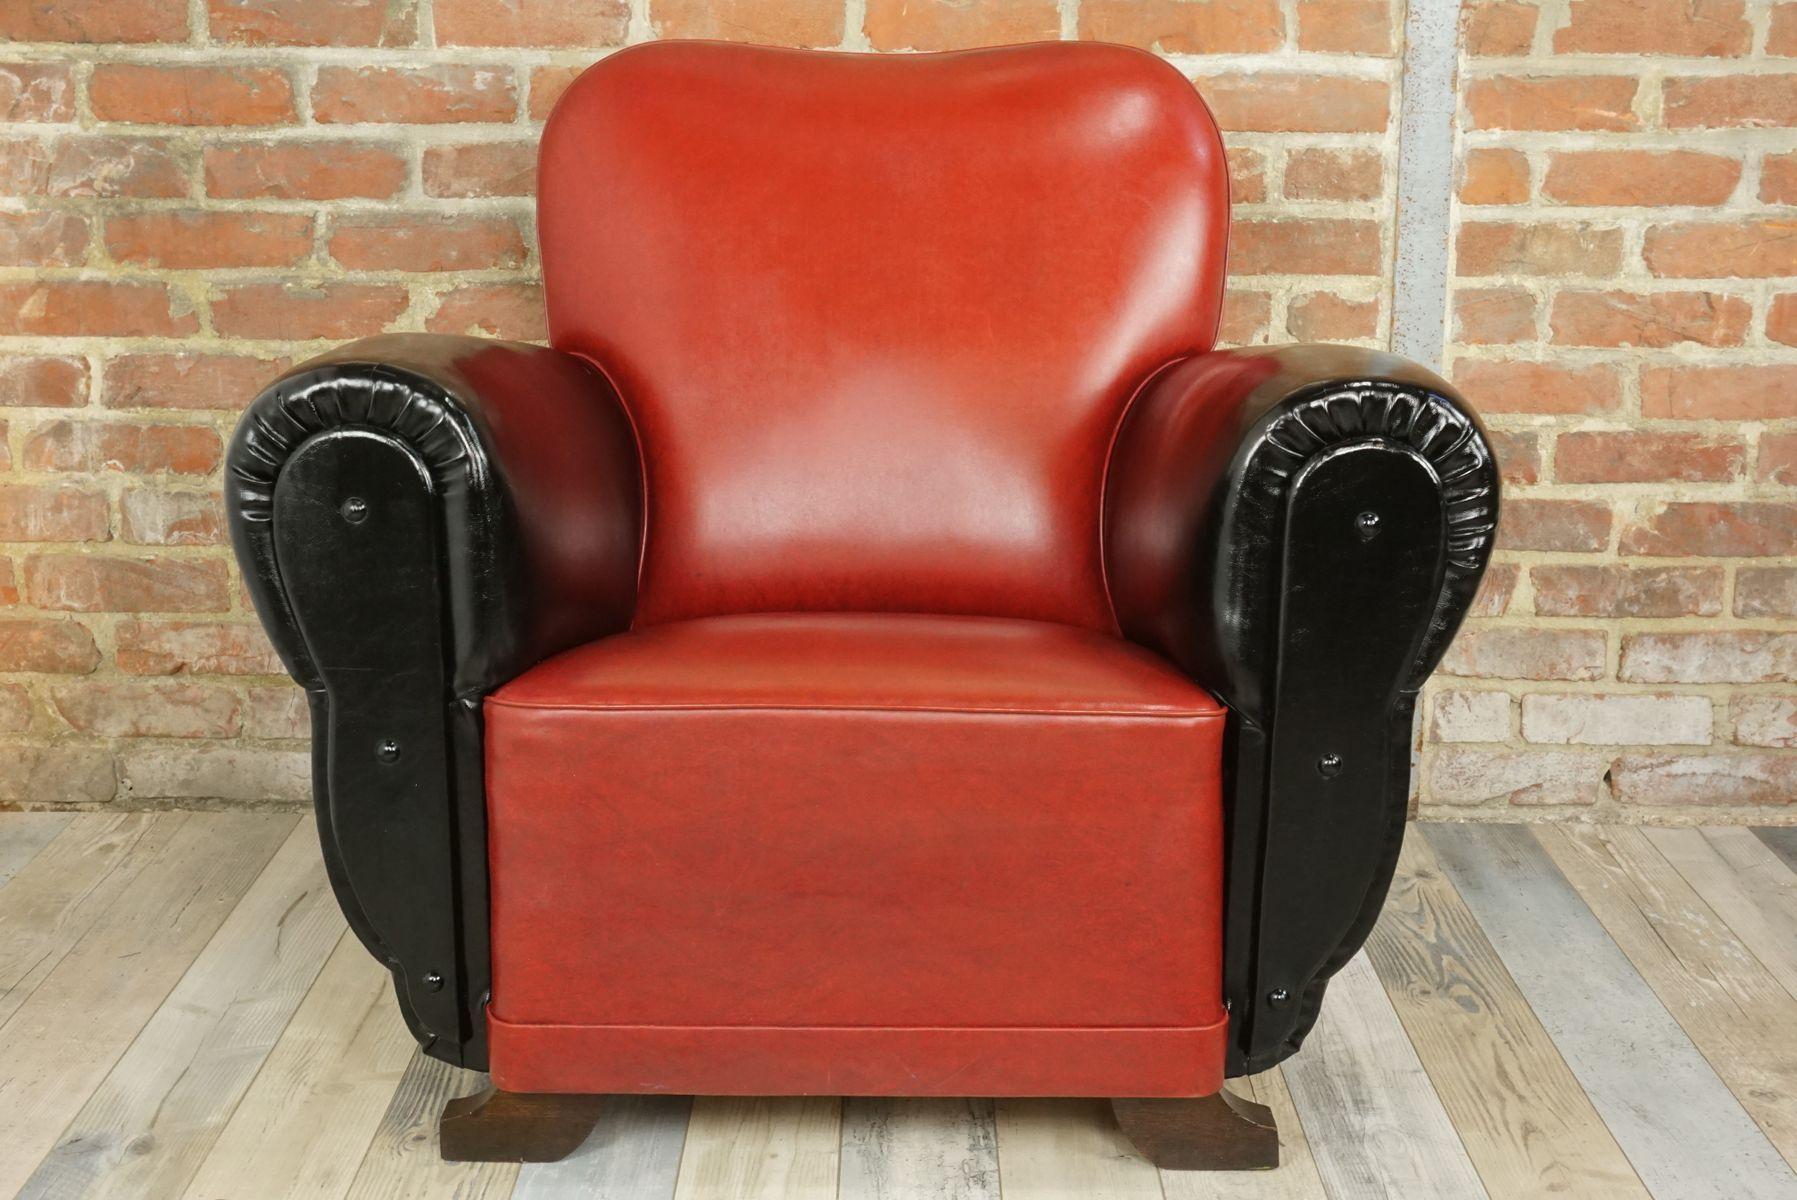 Relaxsessel Elektrisch Verstellbar Aufstehhilfe Ledersessel Gunstig Relaxsessel Gunstiger Xxl Sessel Designermobel Sessel Sessel Clubsessel Kunstleder